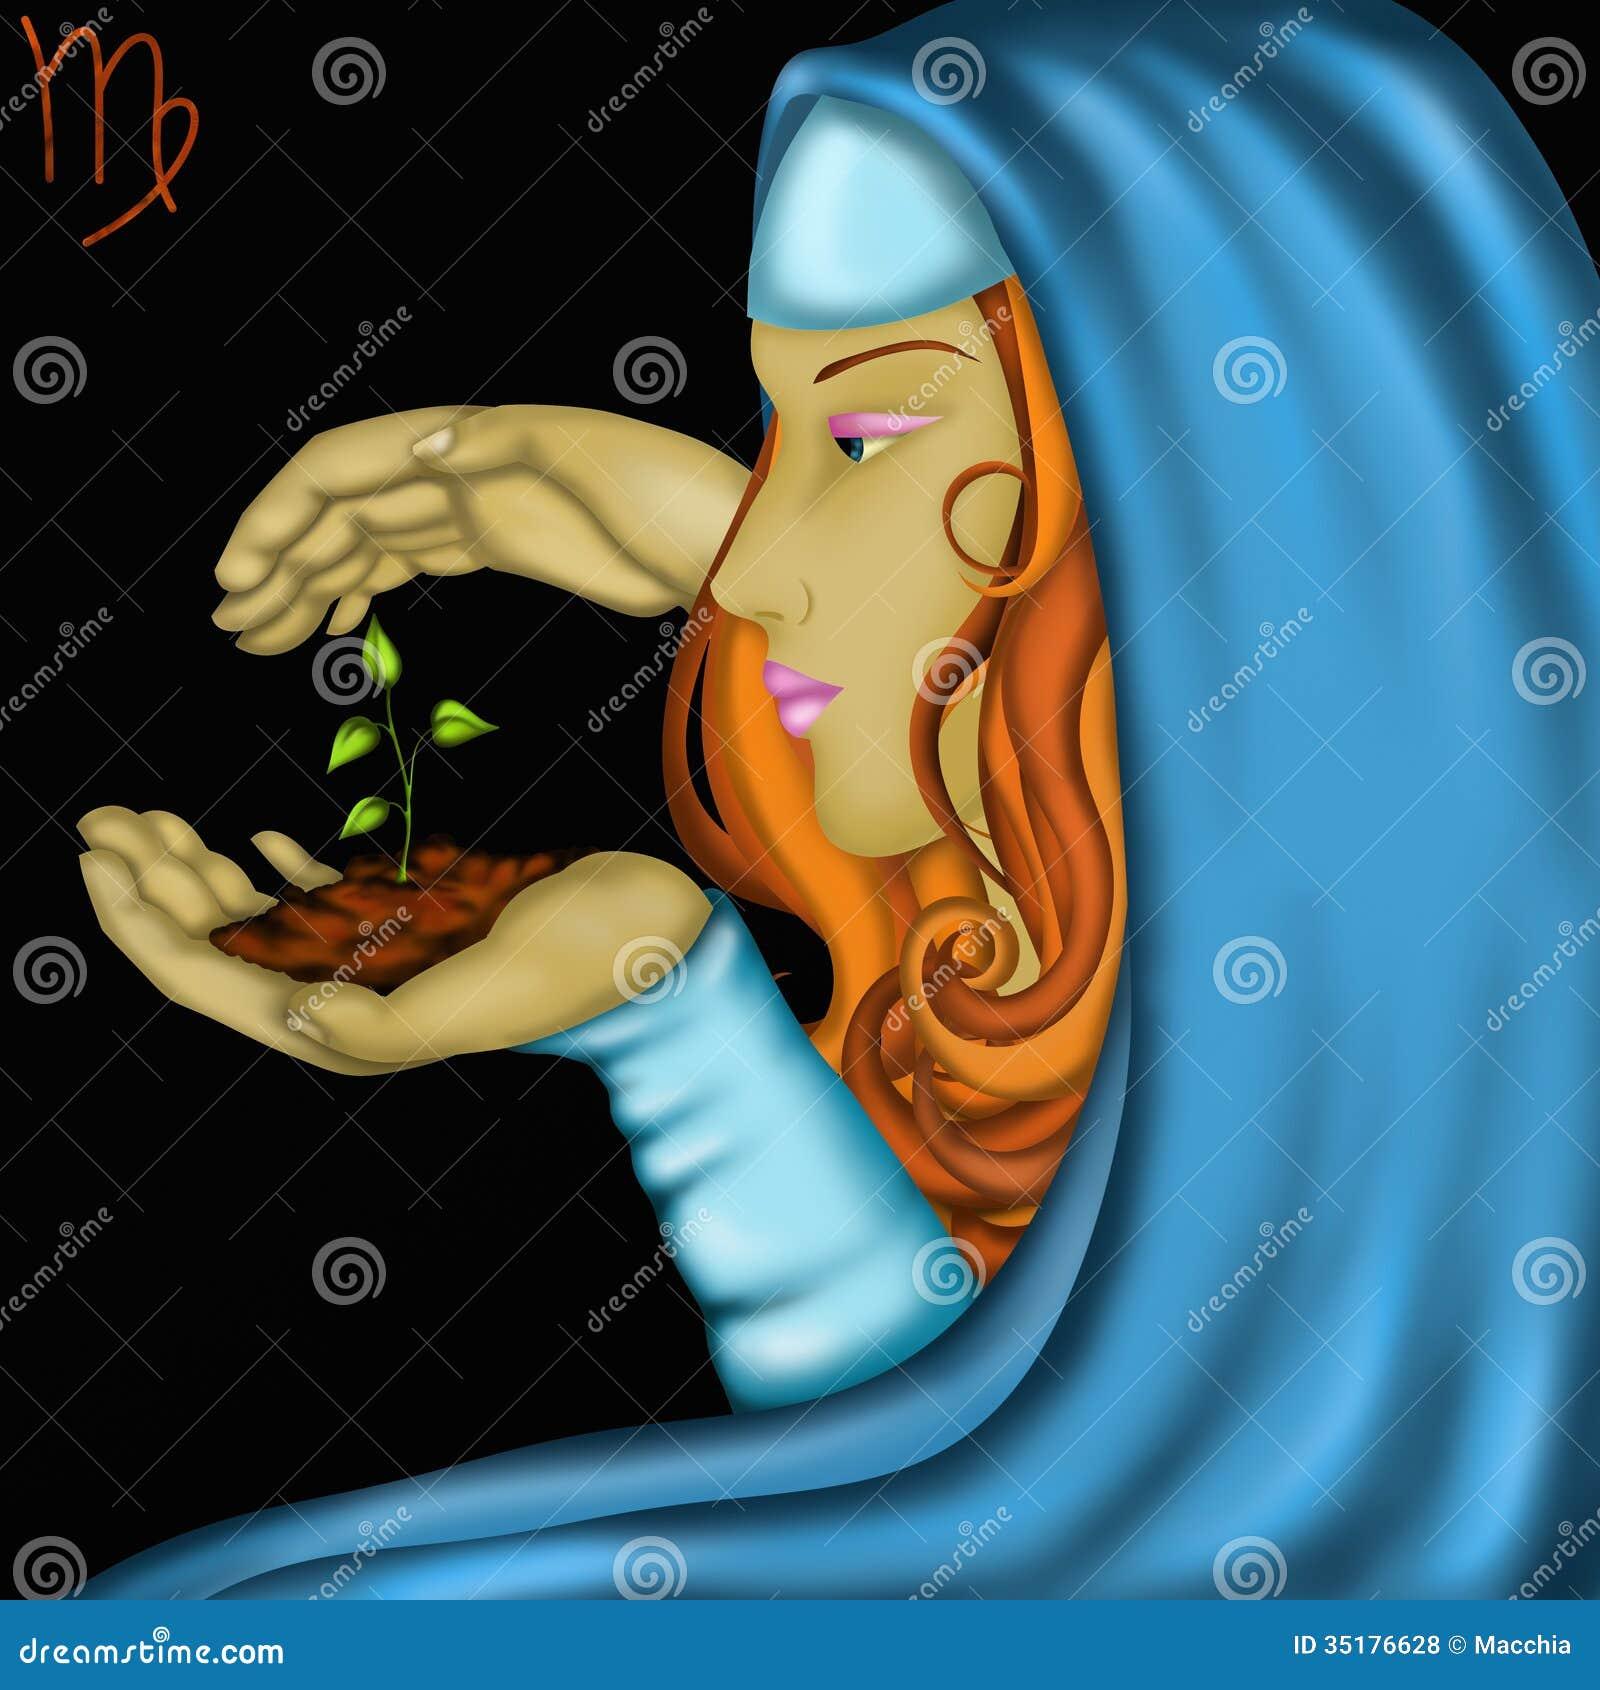 Segni dello zodiaco - Vergine